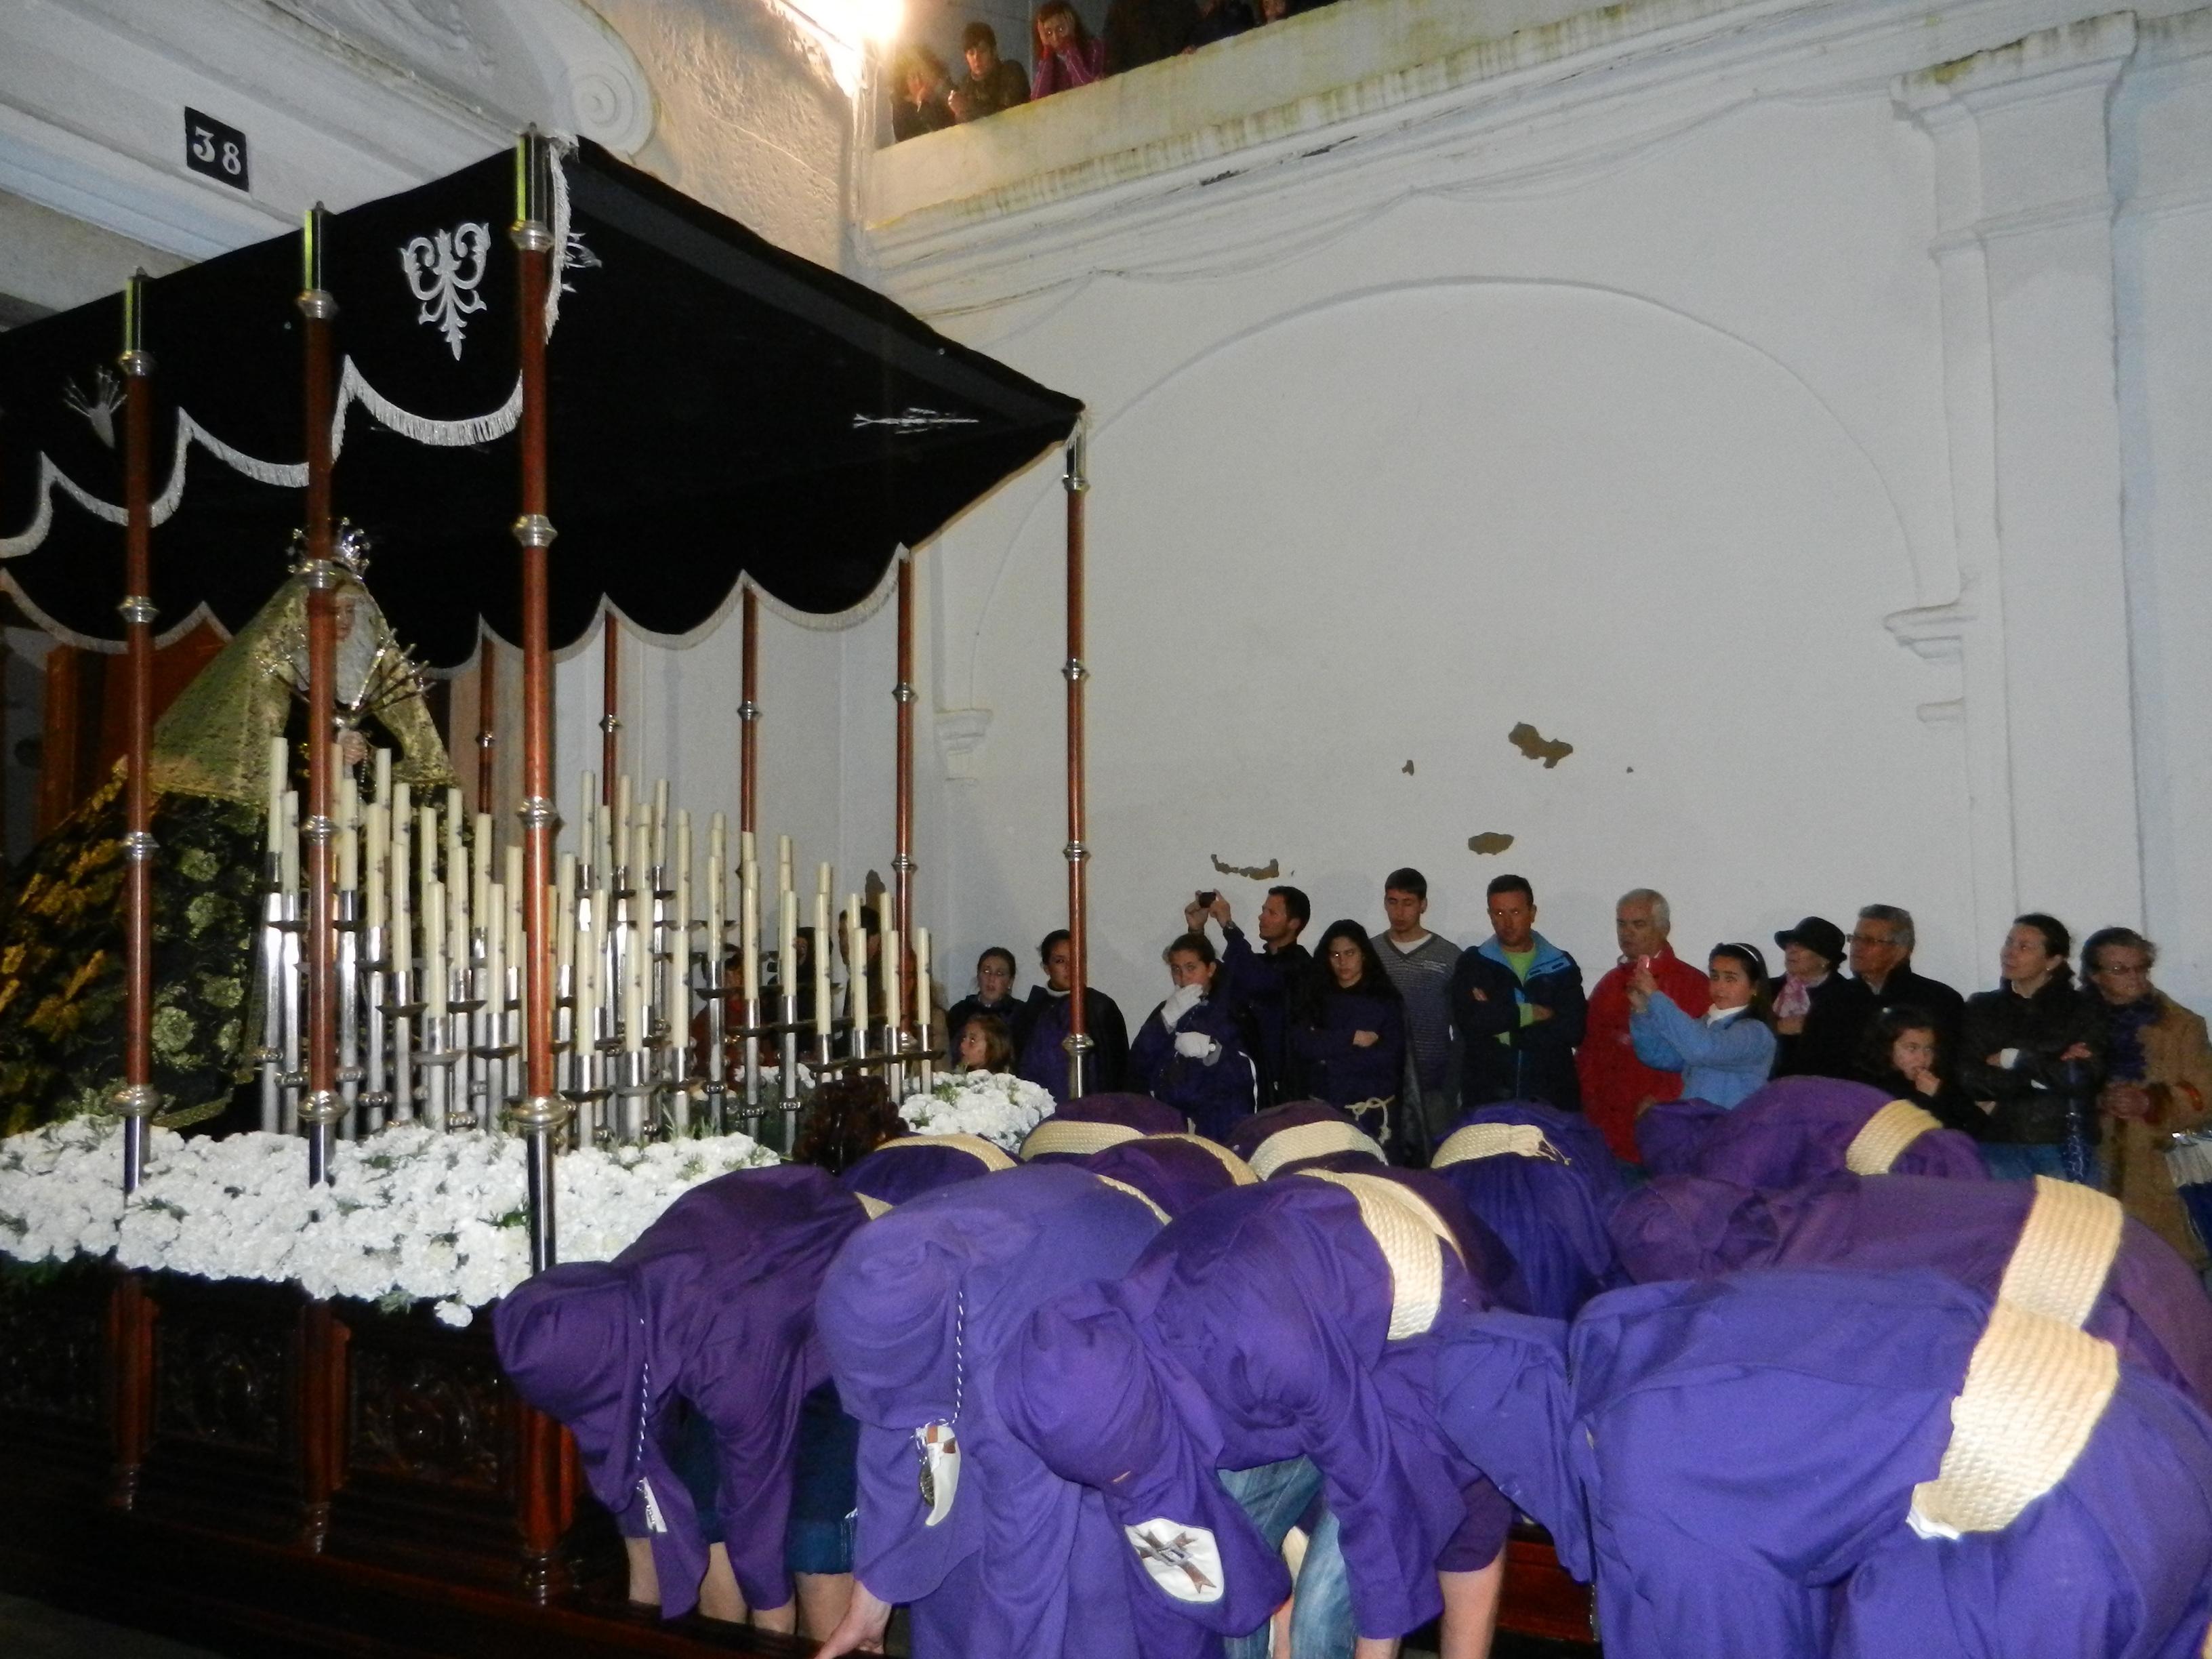 La Santísima Virgen de los Dolores vuelve a la iglesia